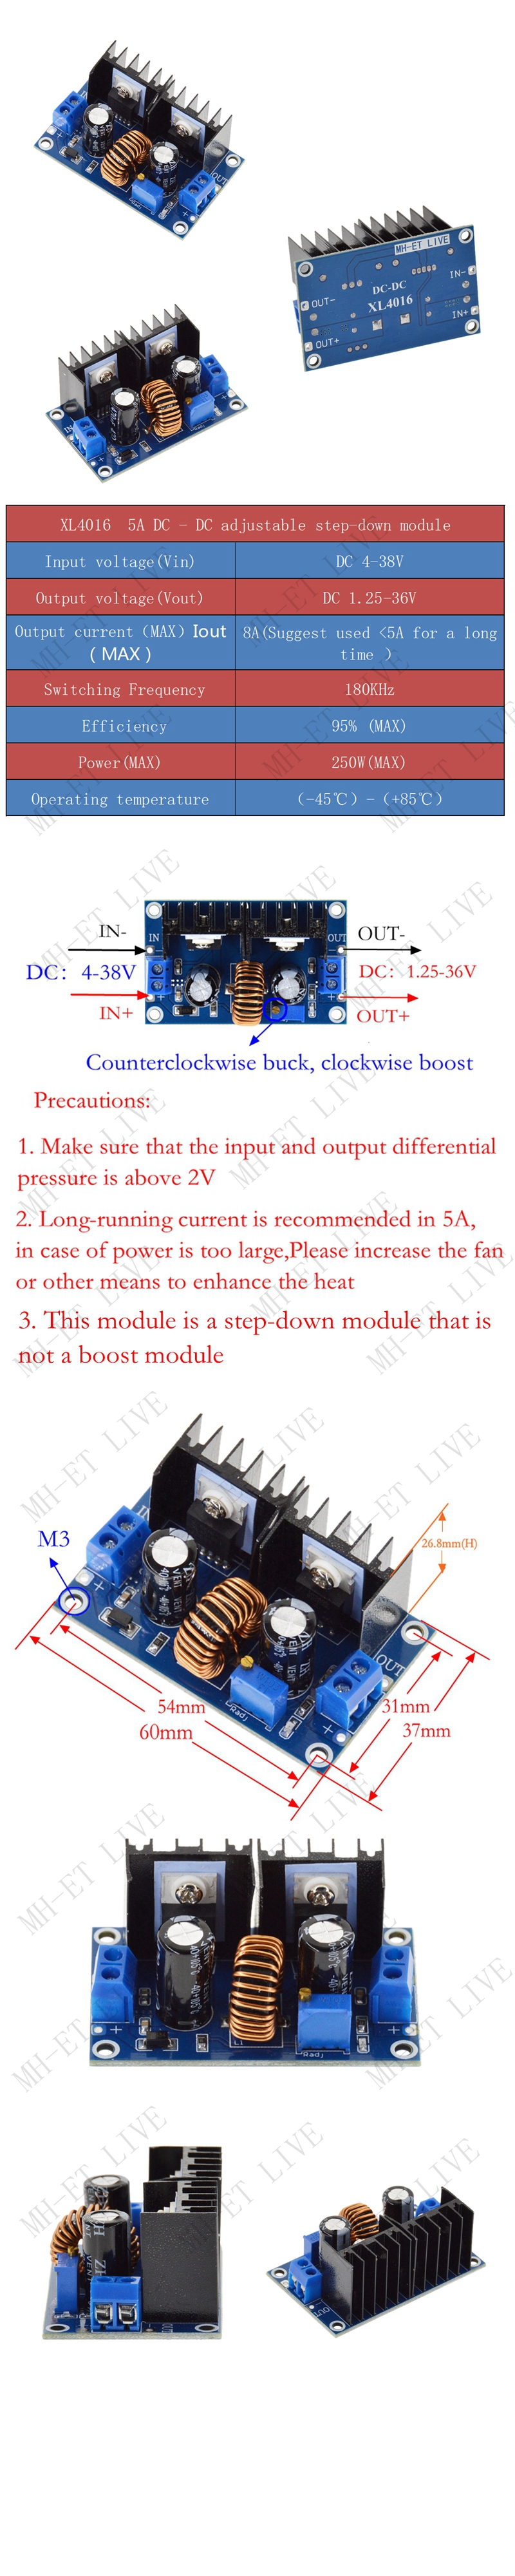 XL4016 PWM Max 8A 200W DC-DC модуль ldo понижающего преобразователя Питание регулируемый 4-40V до 1,25-36 V понижающий модуль